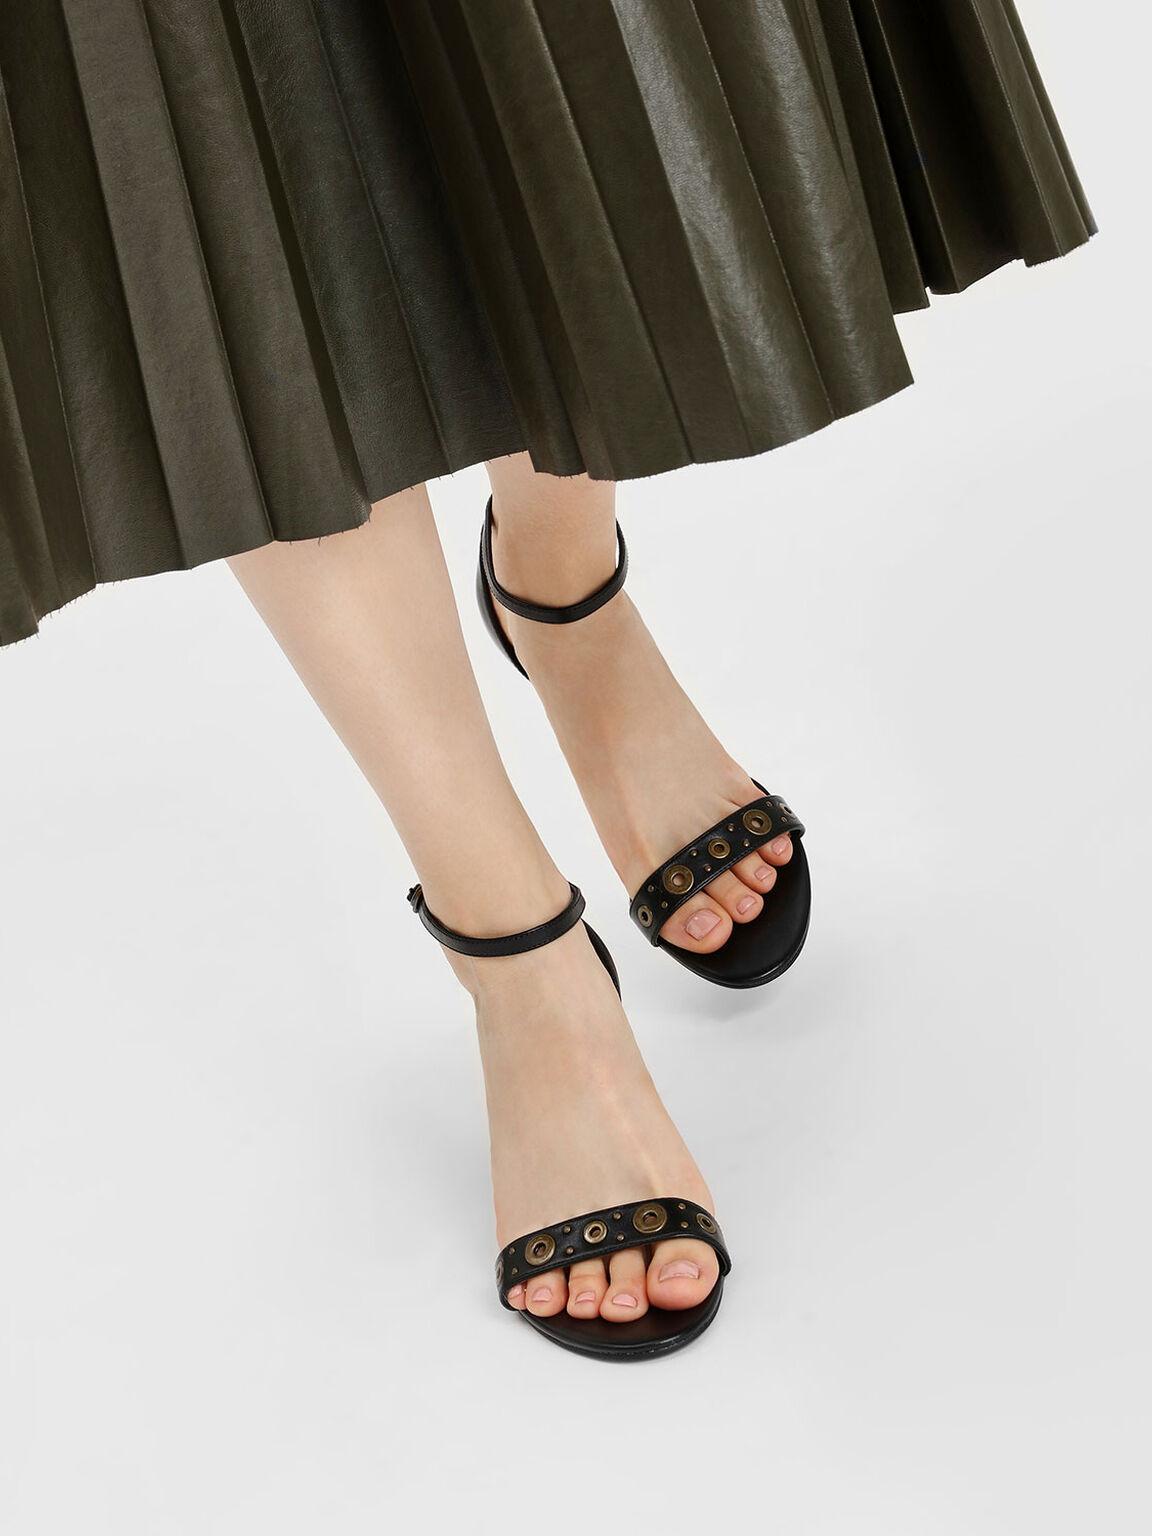 Grommet Detail Heeled Sandals, Black, hi-res